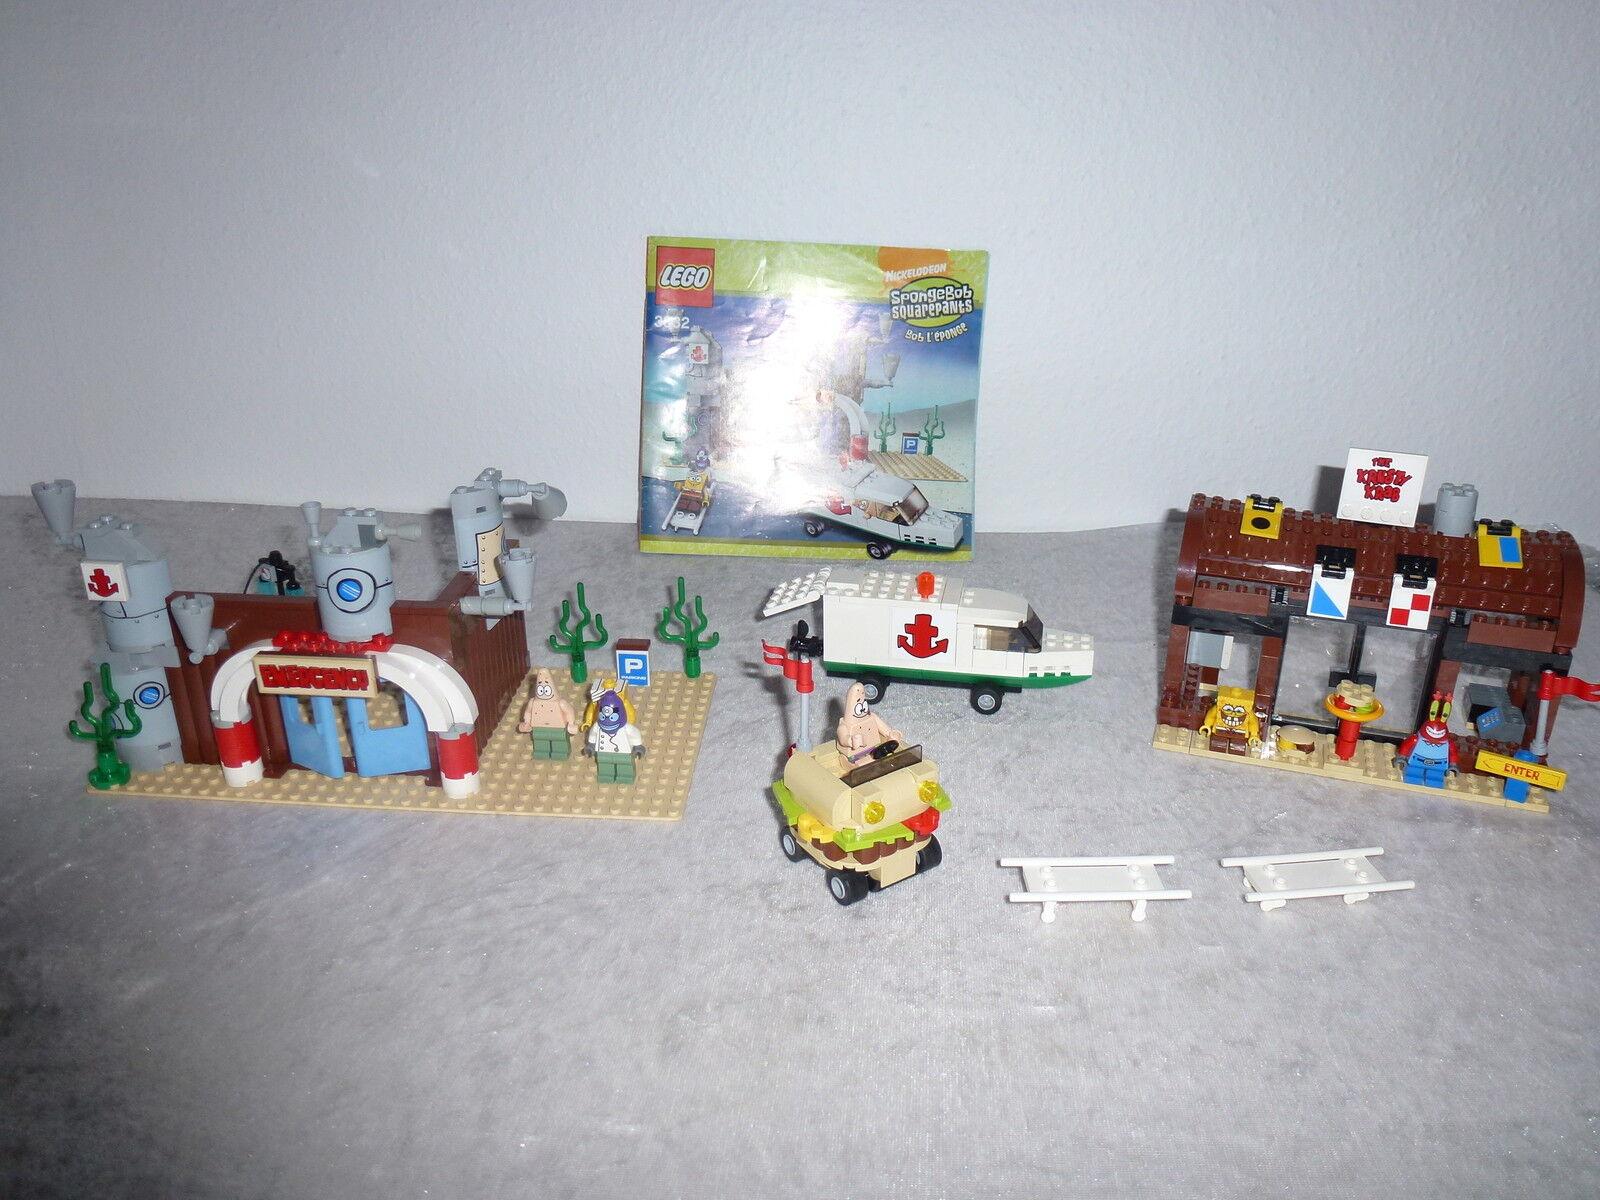 Lego Spongebob 3832+ uvm mit OBARarität aus dem Jahr 2008